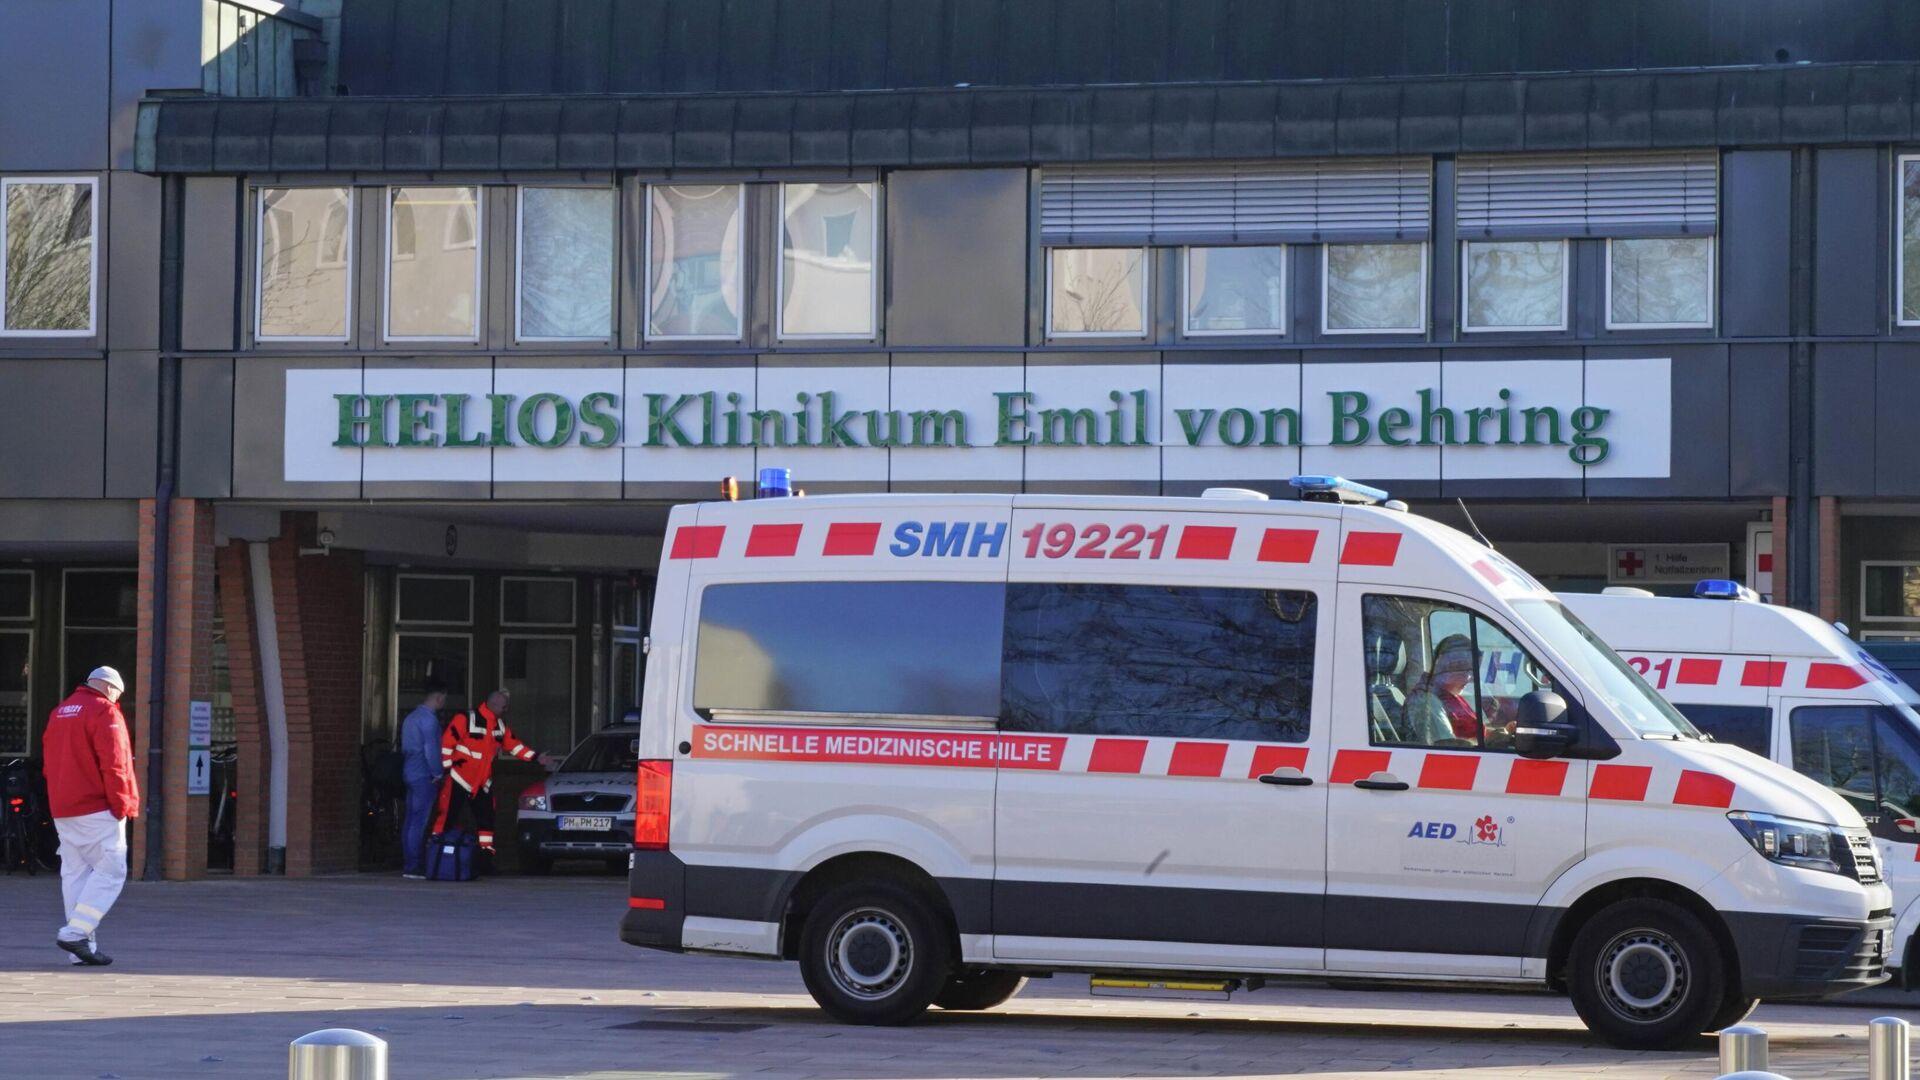 Машины скорой помощи у больницы Хелиос-клиник Эмиль фон Беринг в Берлине - РИА Новости, 1920, 30.07.2021